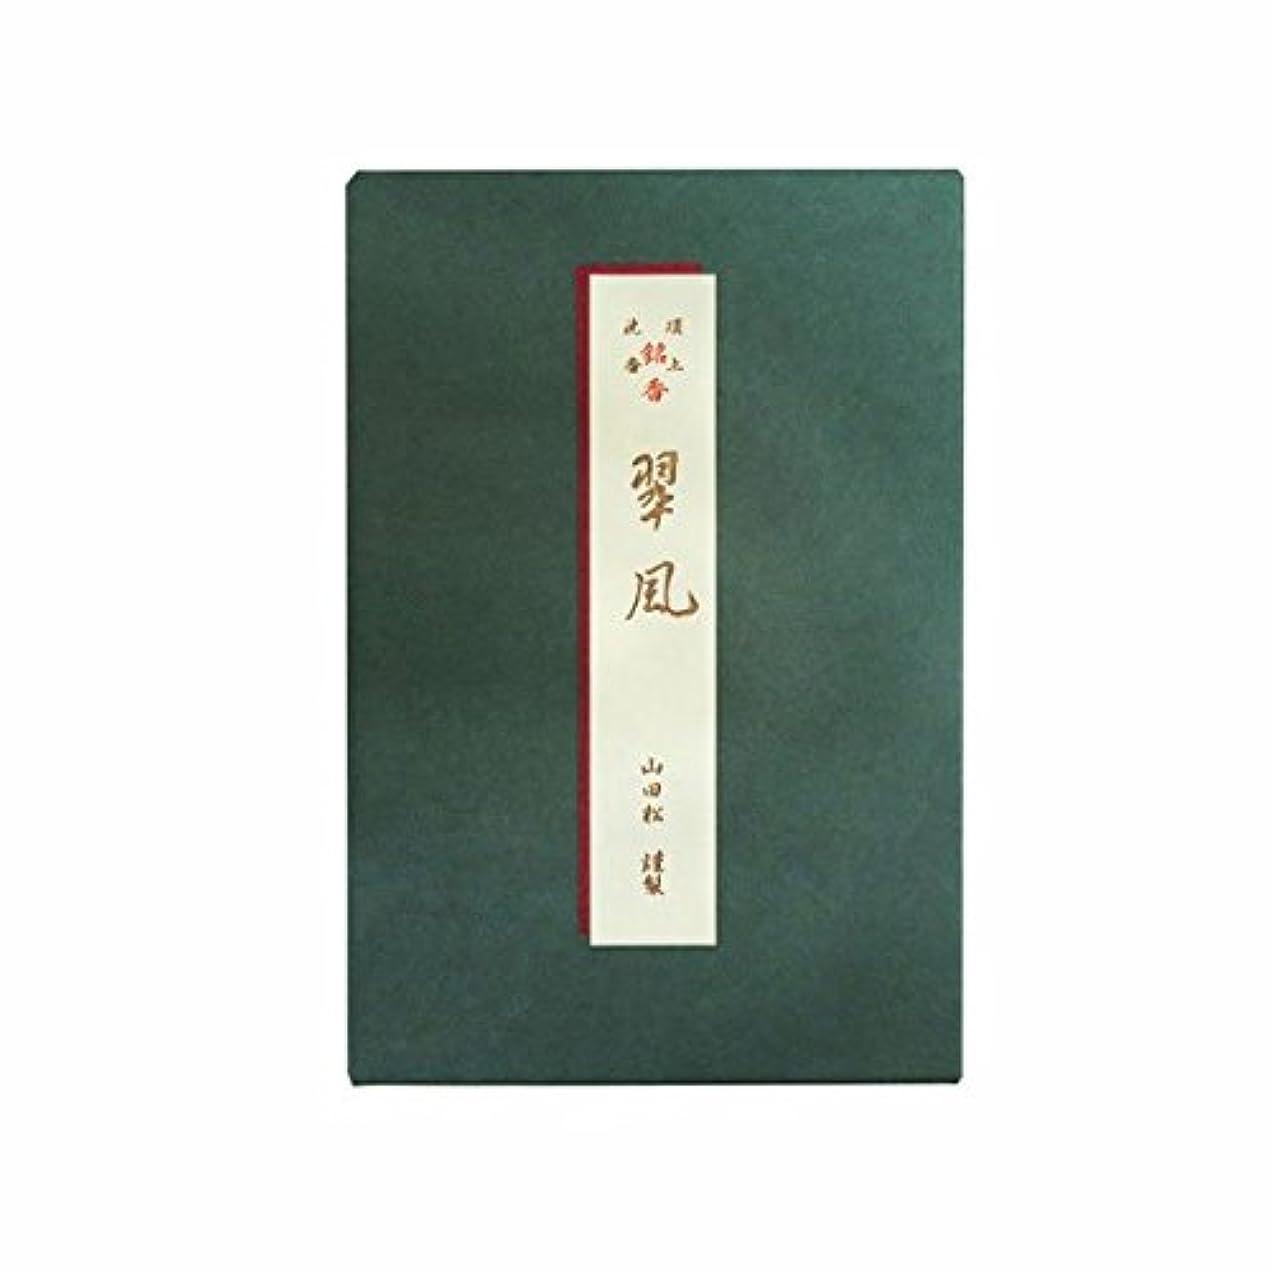 小説家識別生翠風 短寸 バラ詰